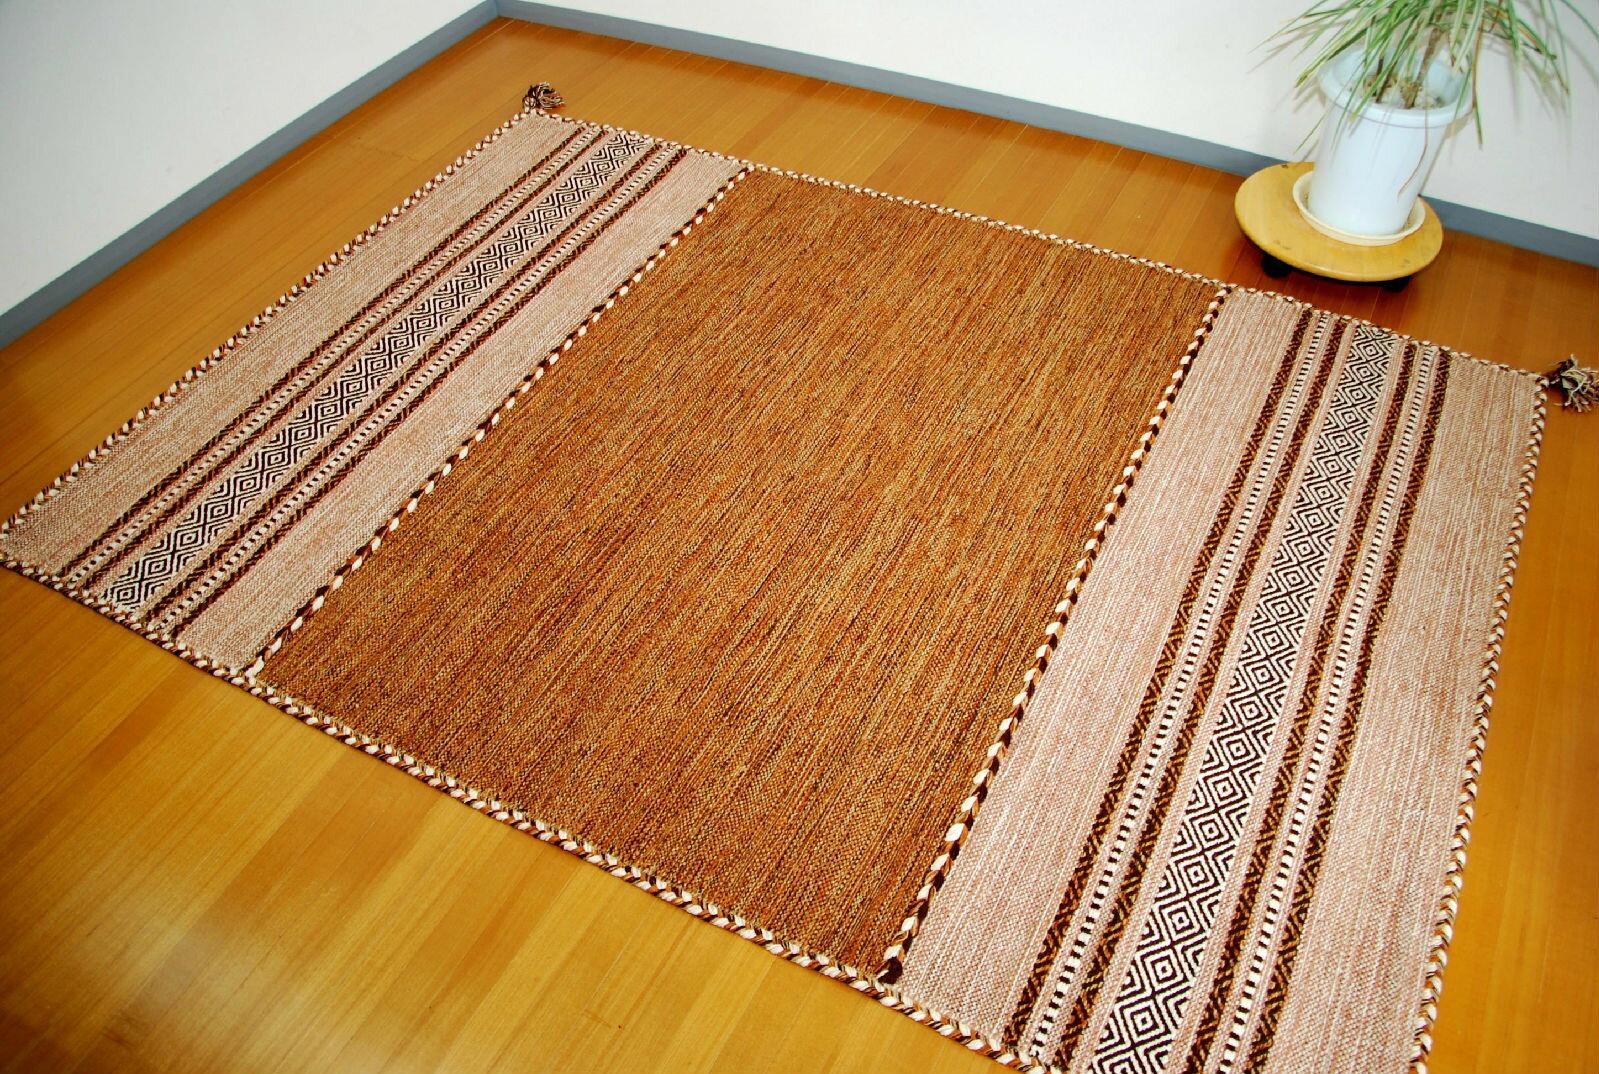 水洗い可能 上質品!コットン素材でサラッと!アジアンテイストのキリムラグ 140×200 ベージュ・ブラウン系